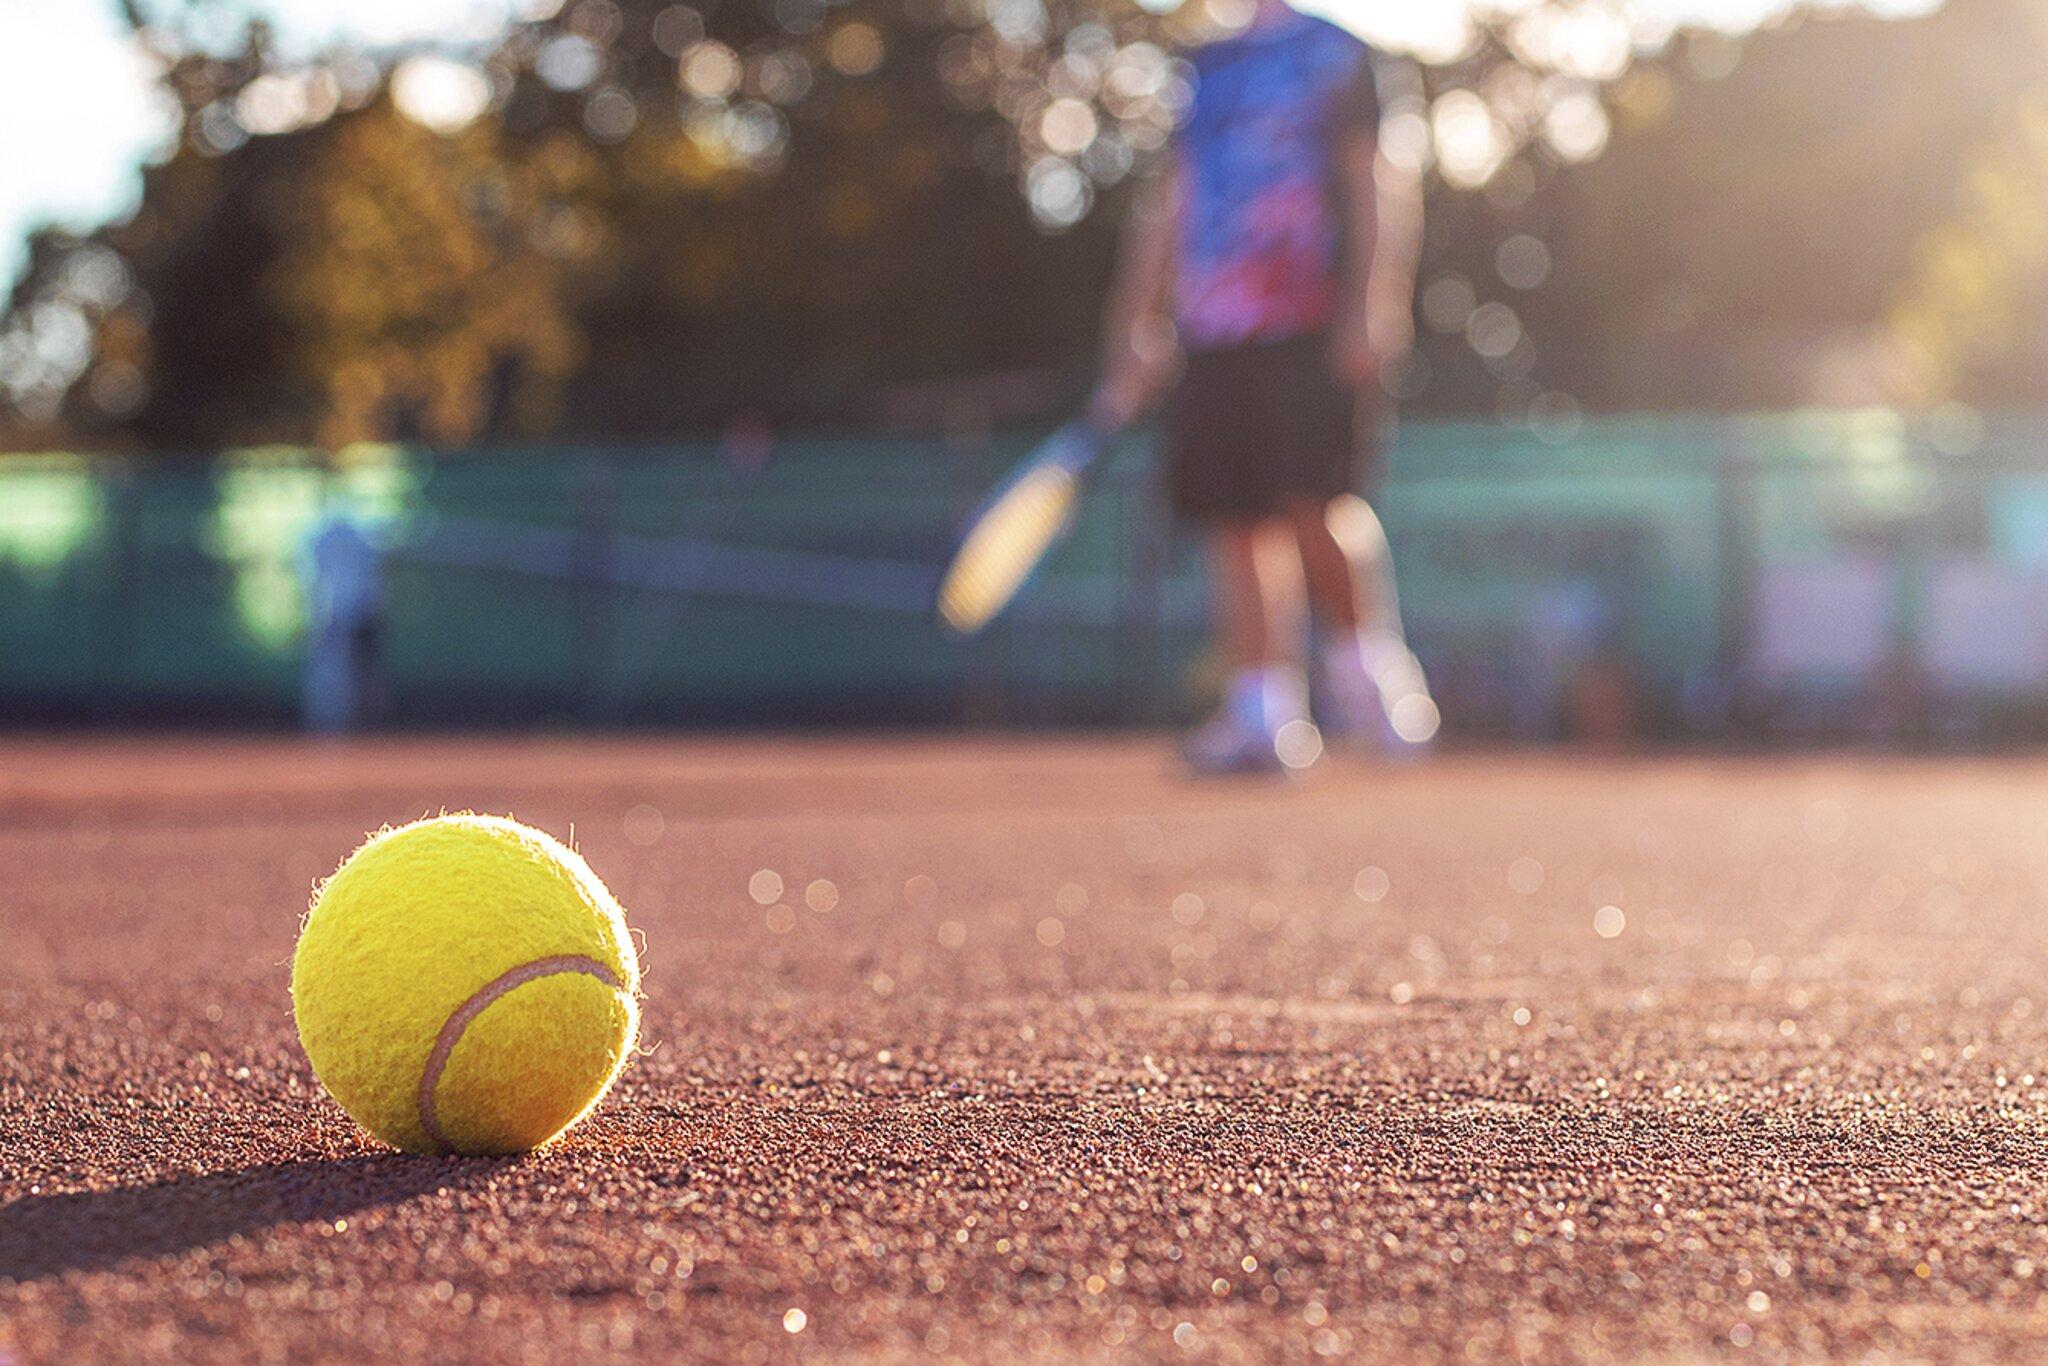 Aufschlag mit Auflagen möglich                                                                  Tennisverein Buxtehude-Altkloster eröffnet die Saison mit Info-Tag und Sonderkonditionen